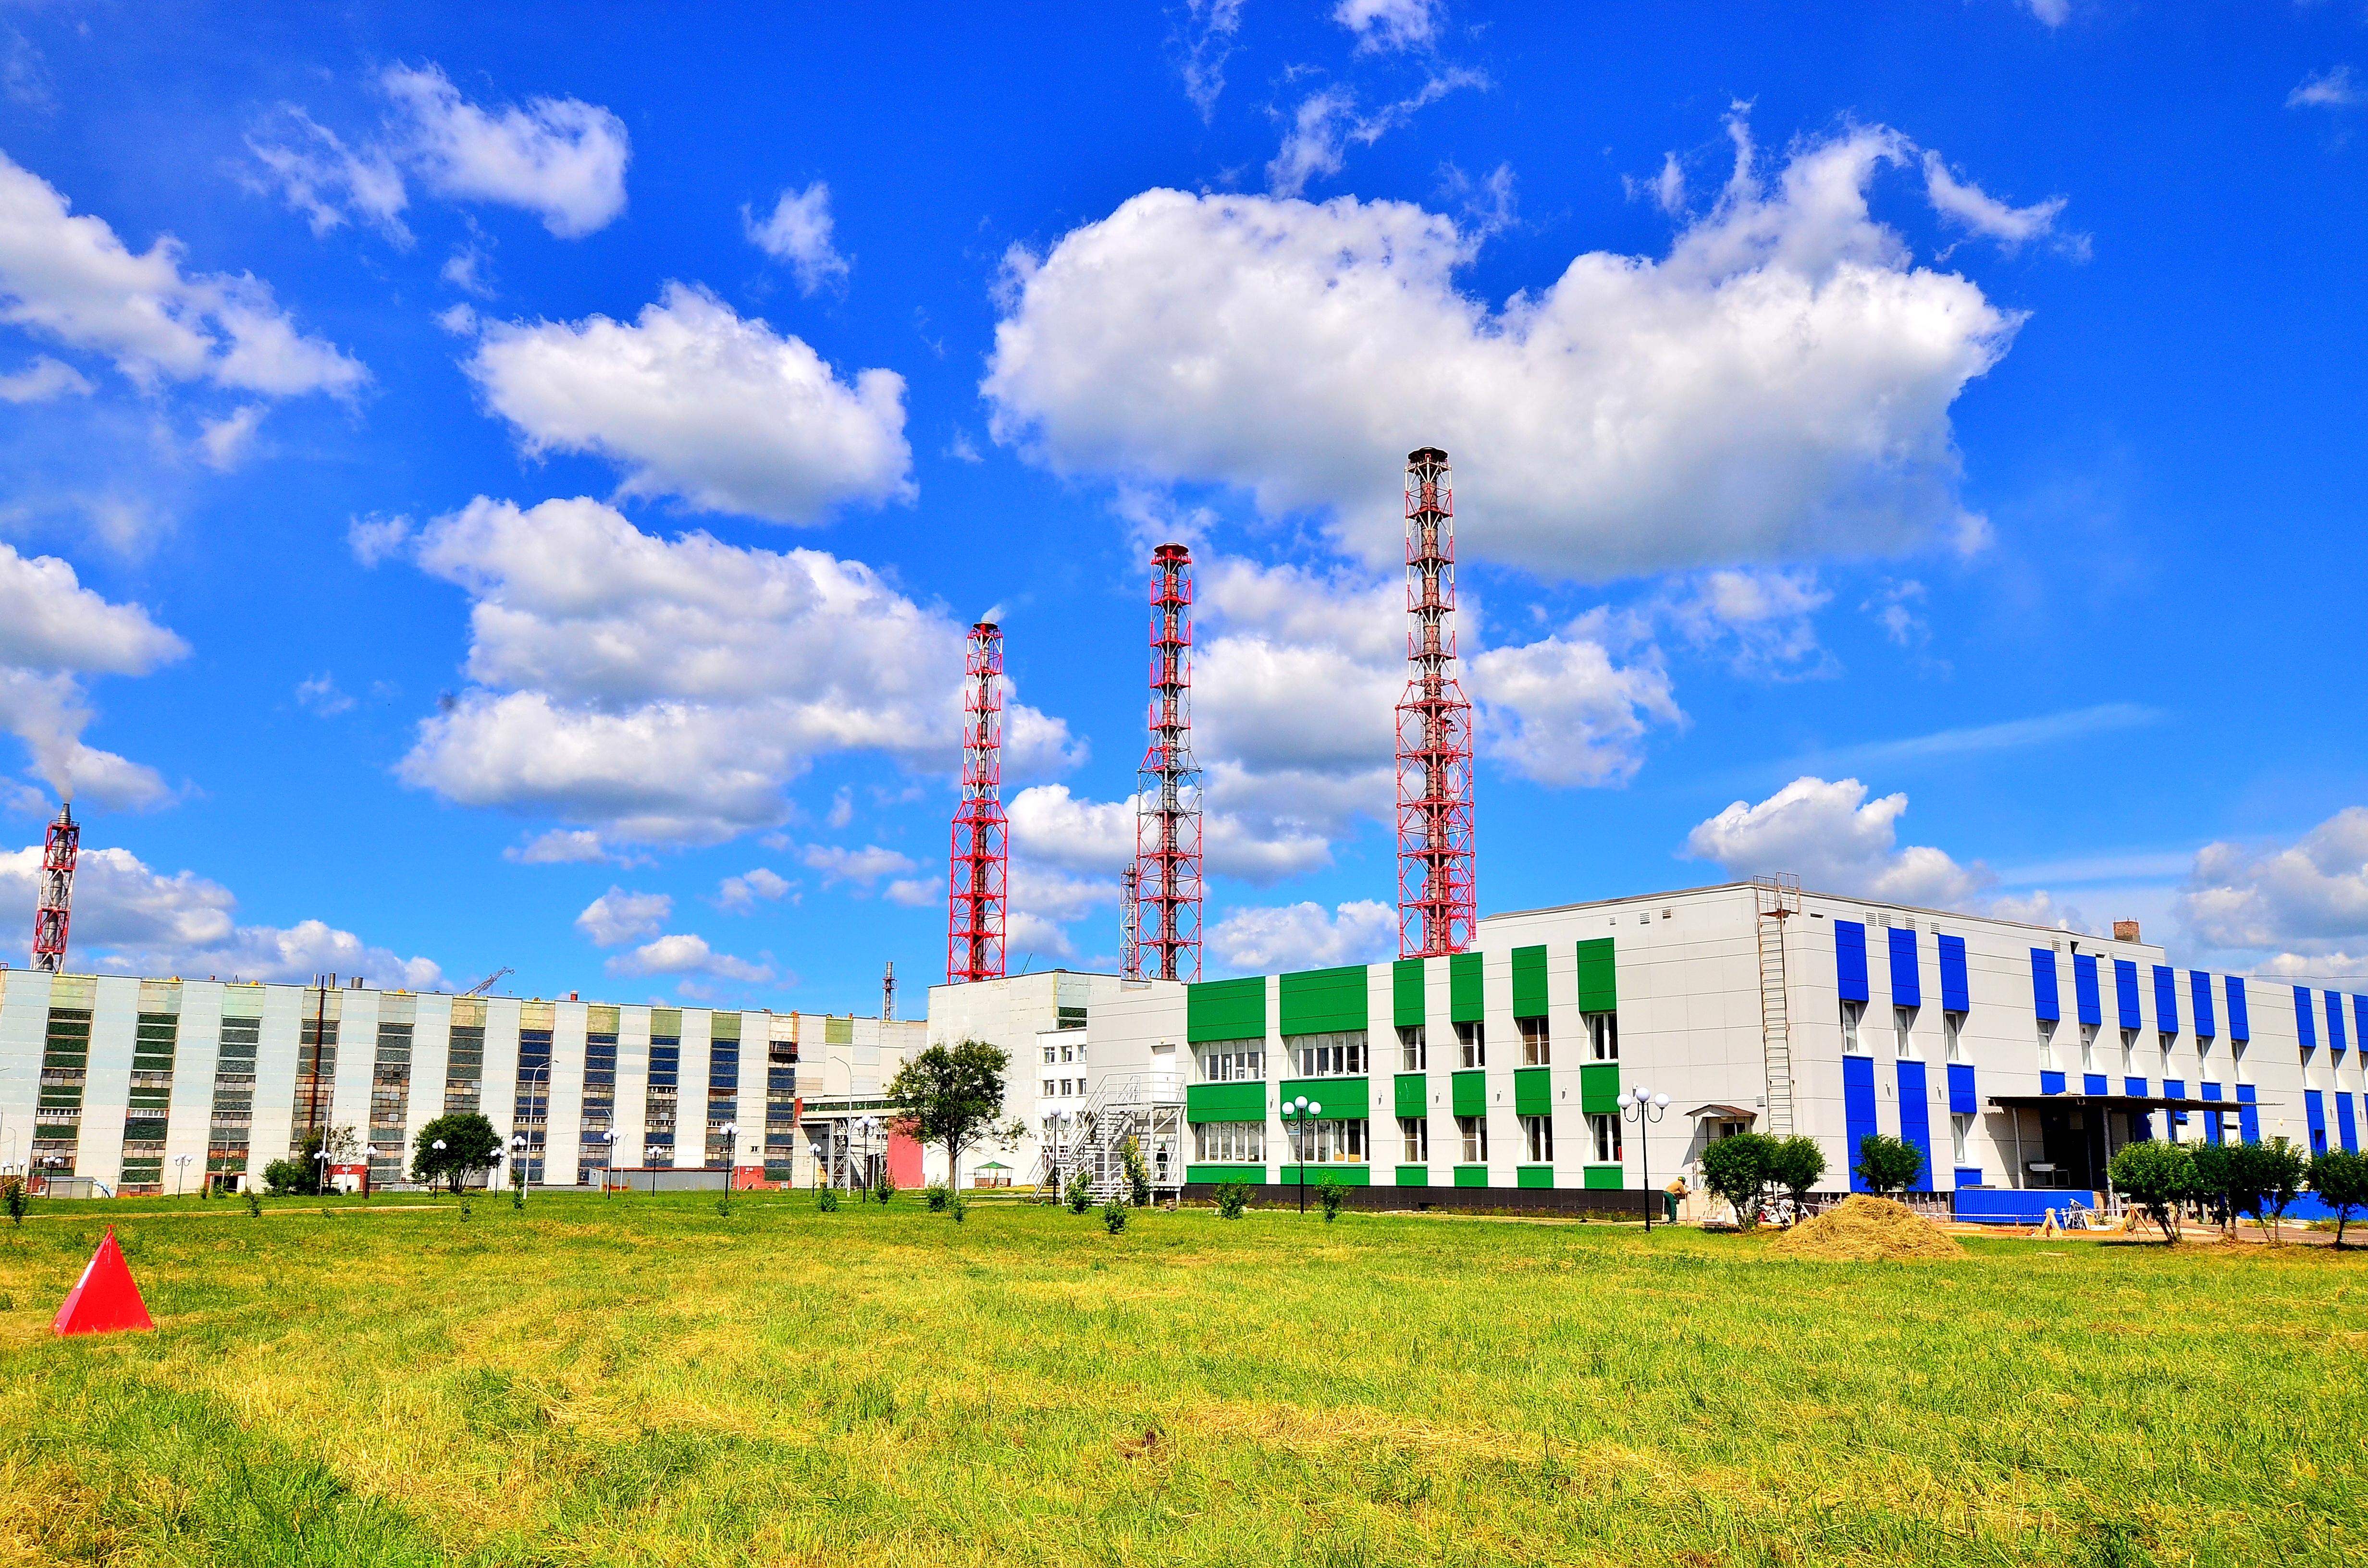 Кирово-чепецкий филиал «УРАЛХИМа» - крупнейший налогоплательщик региона